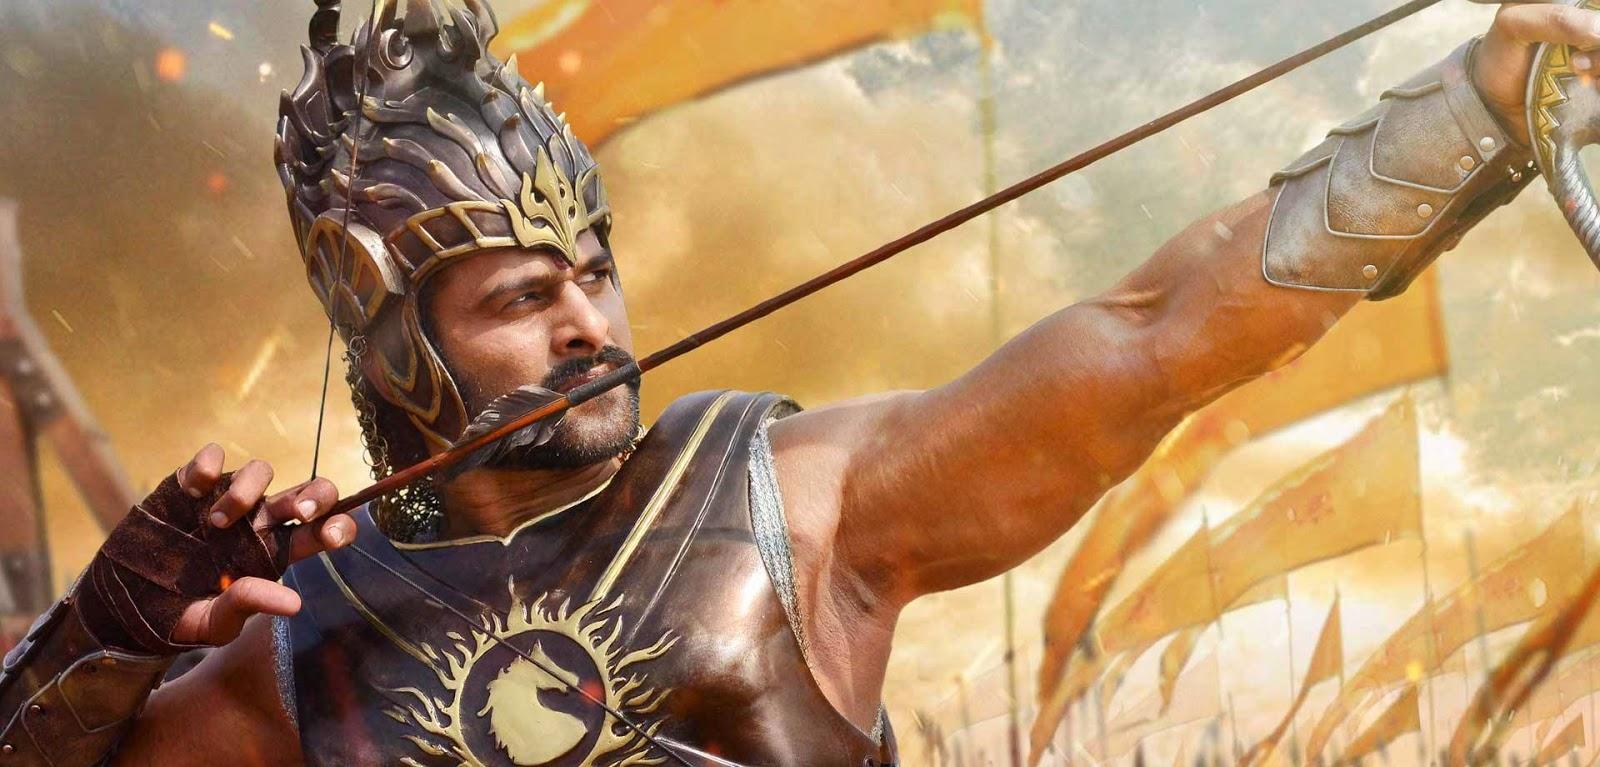 51 top hd wallpaper bahubali 2 hd wallpapers free download - Bahubali 2 poster hd ...